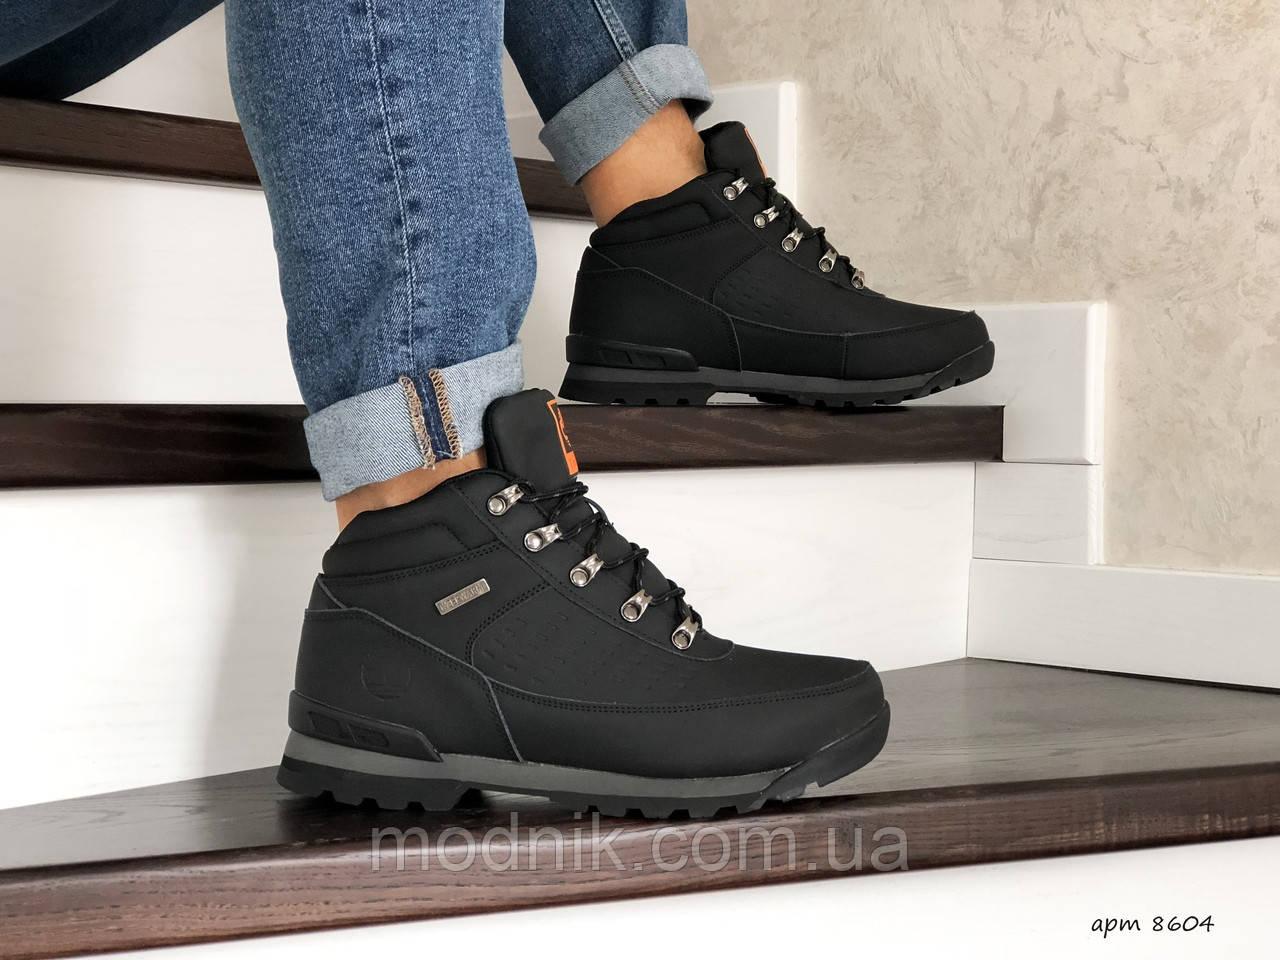 Мужские ботинки Timberland (черно-оранжевые) ЗИМА